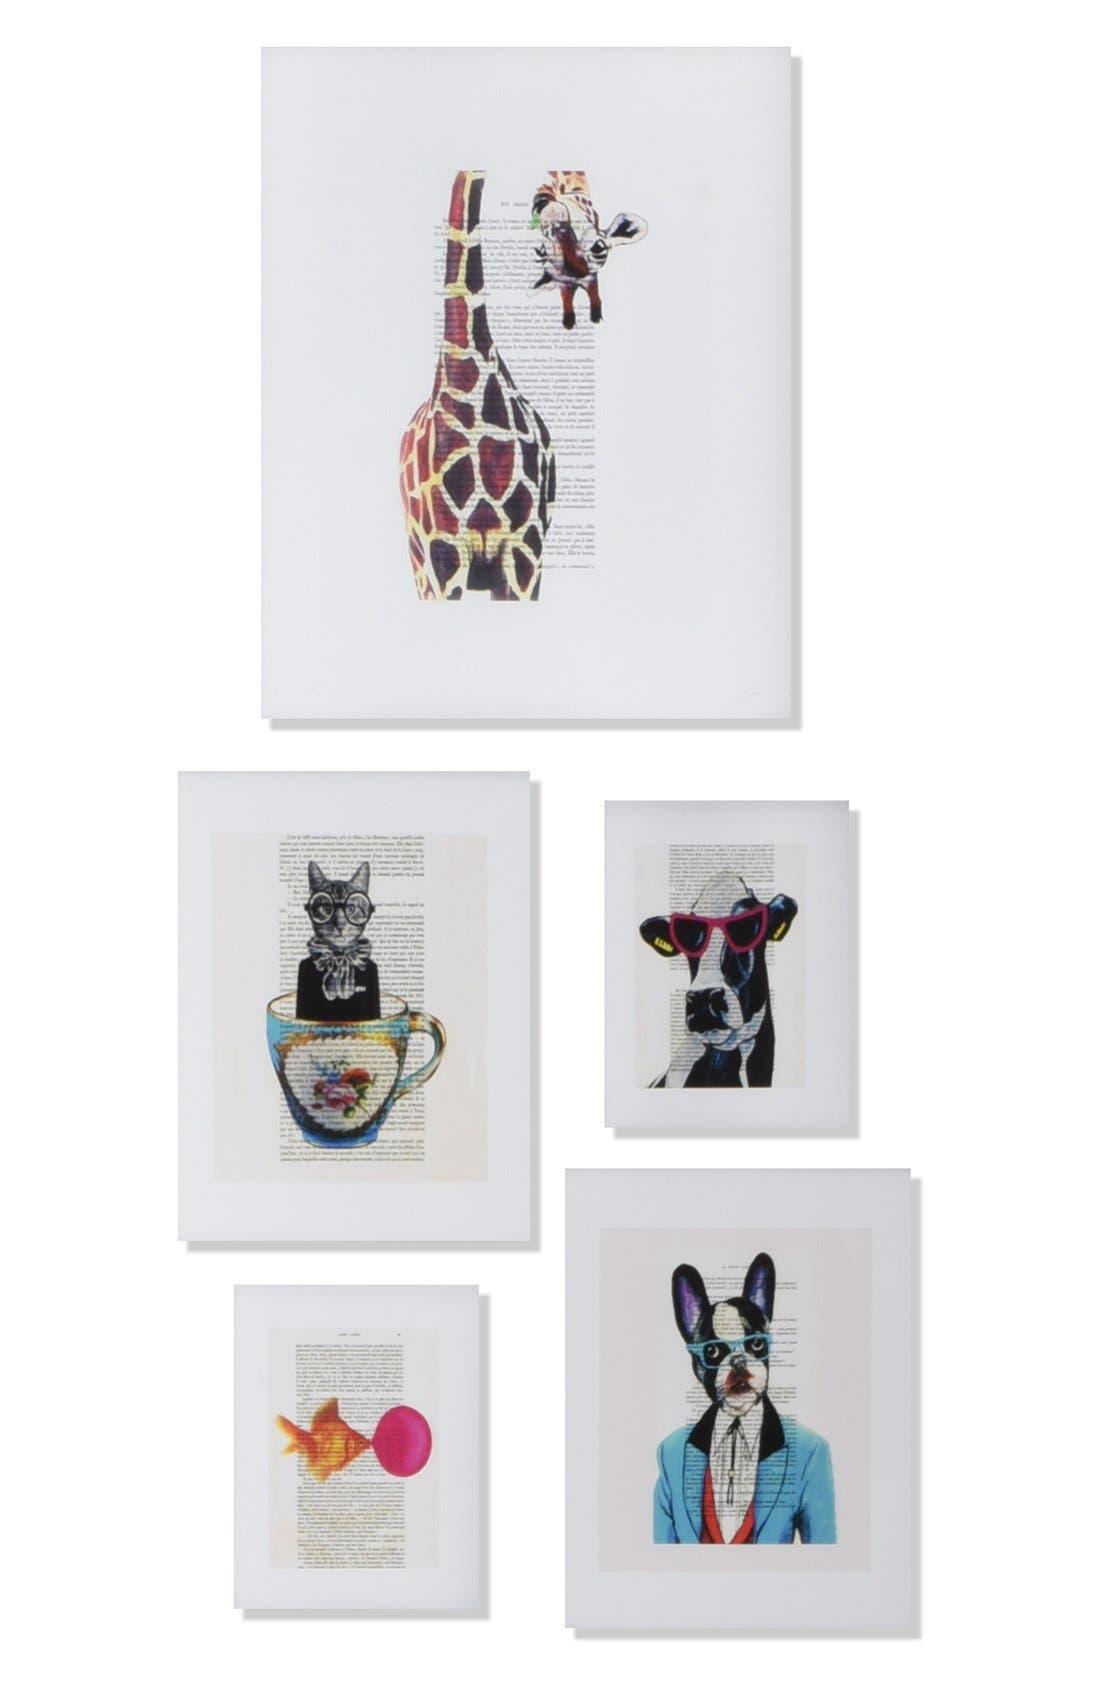 DENY Designs 'Coco De Paris - Funny' Wall Art Gallery (Set of 5)